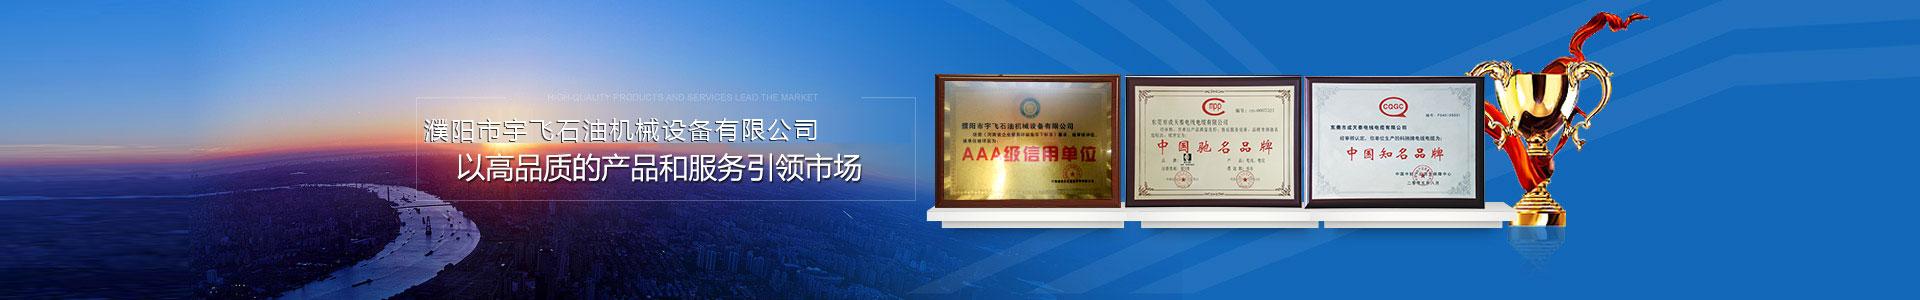 濮阳市宇飞石油机械设备有限公司